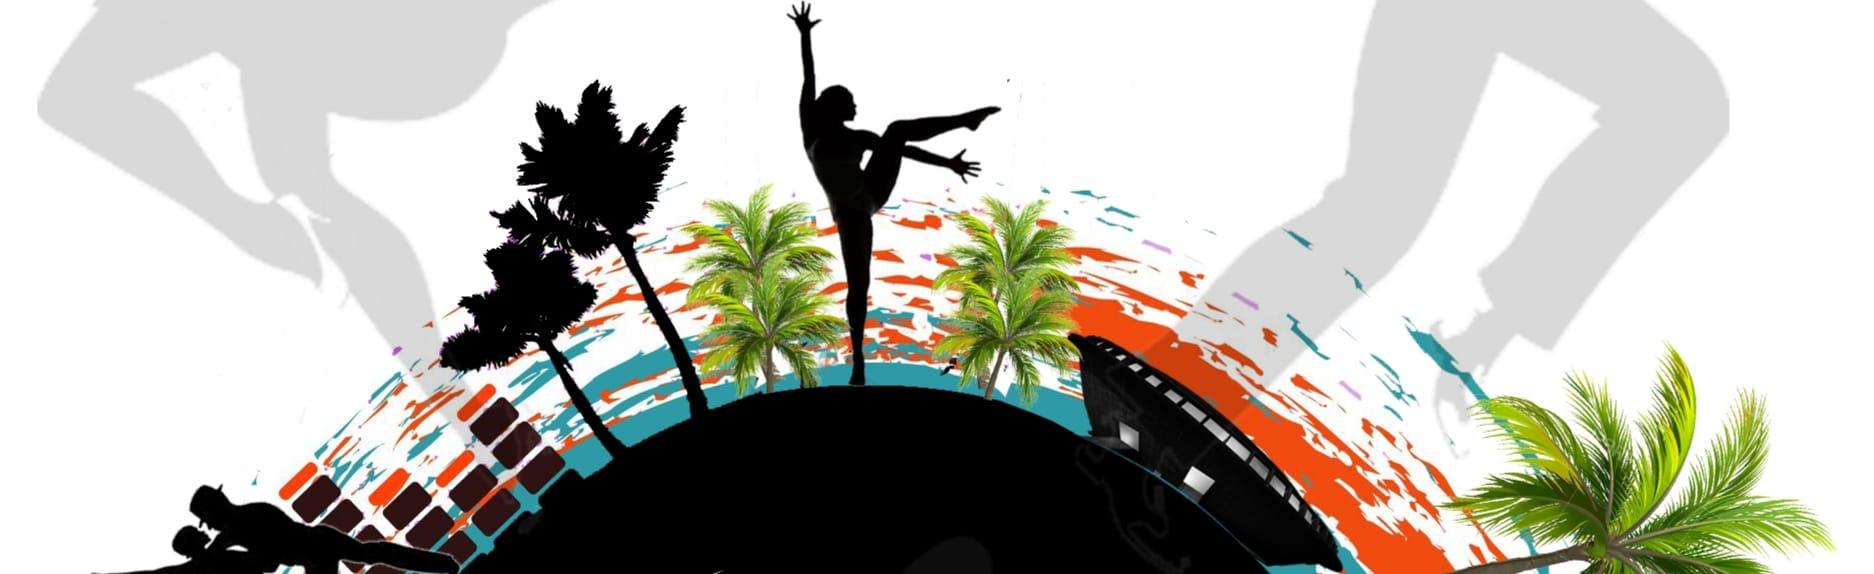 Saint Nazaire Olympique Sportif Danse